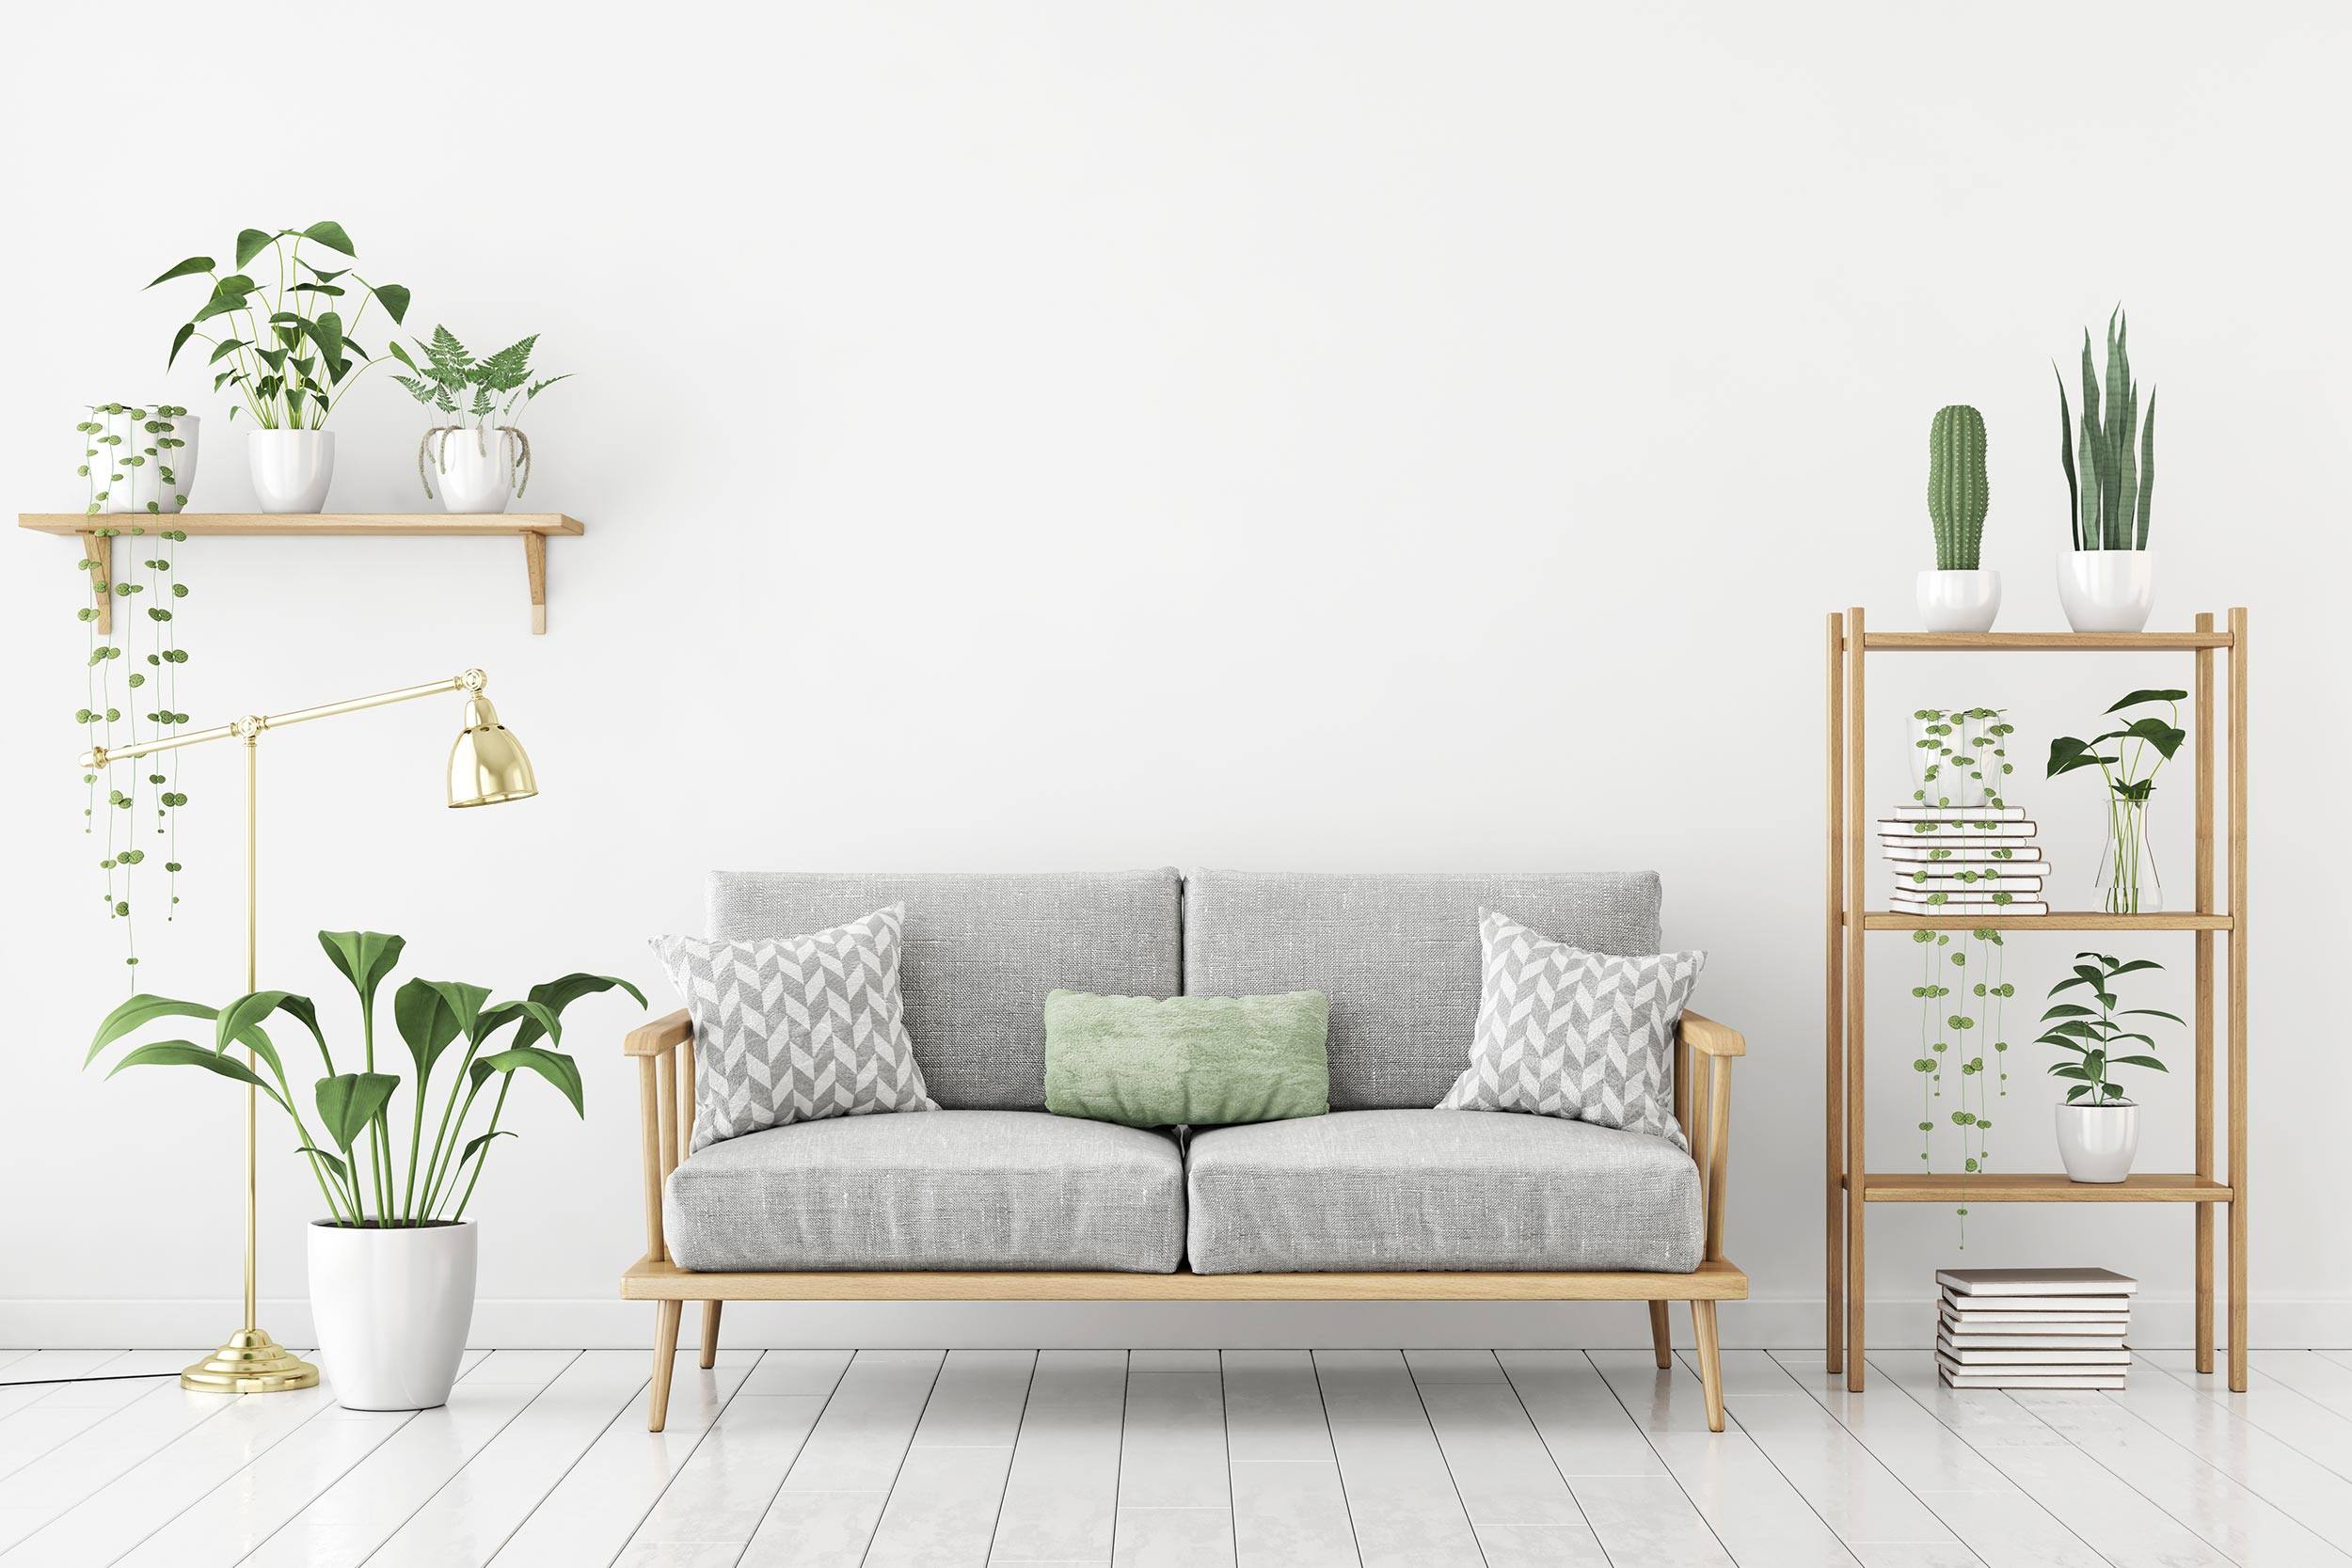 Kauč i police s cvijećem i biljkama